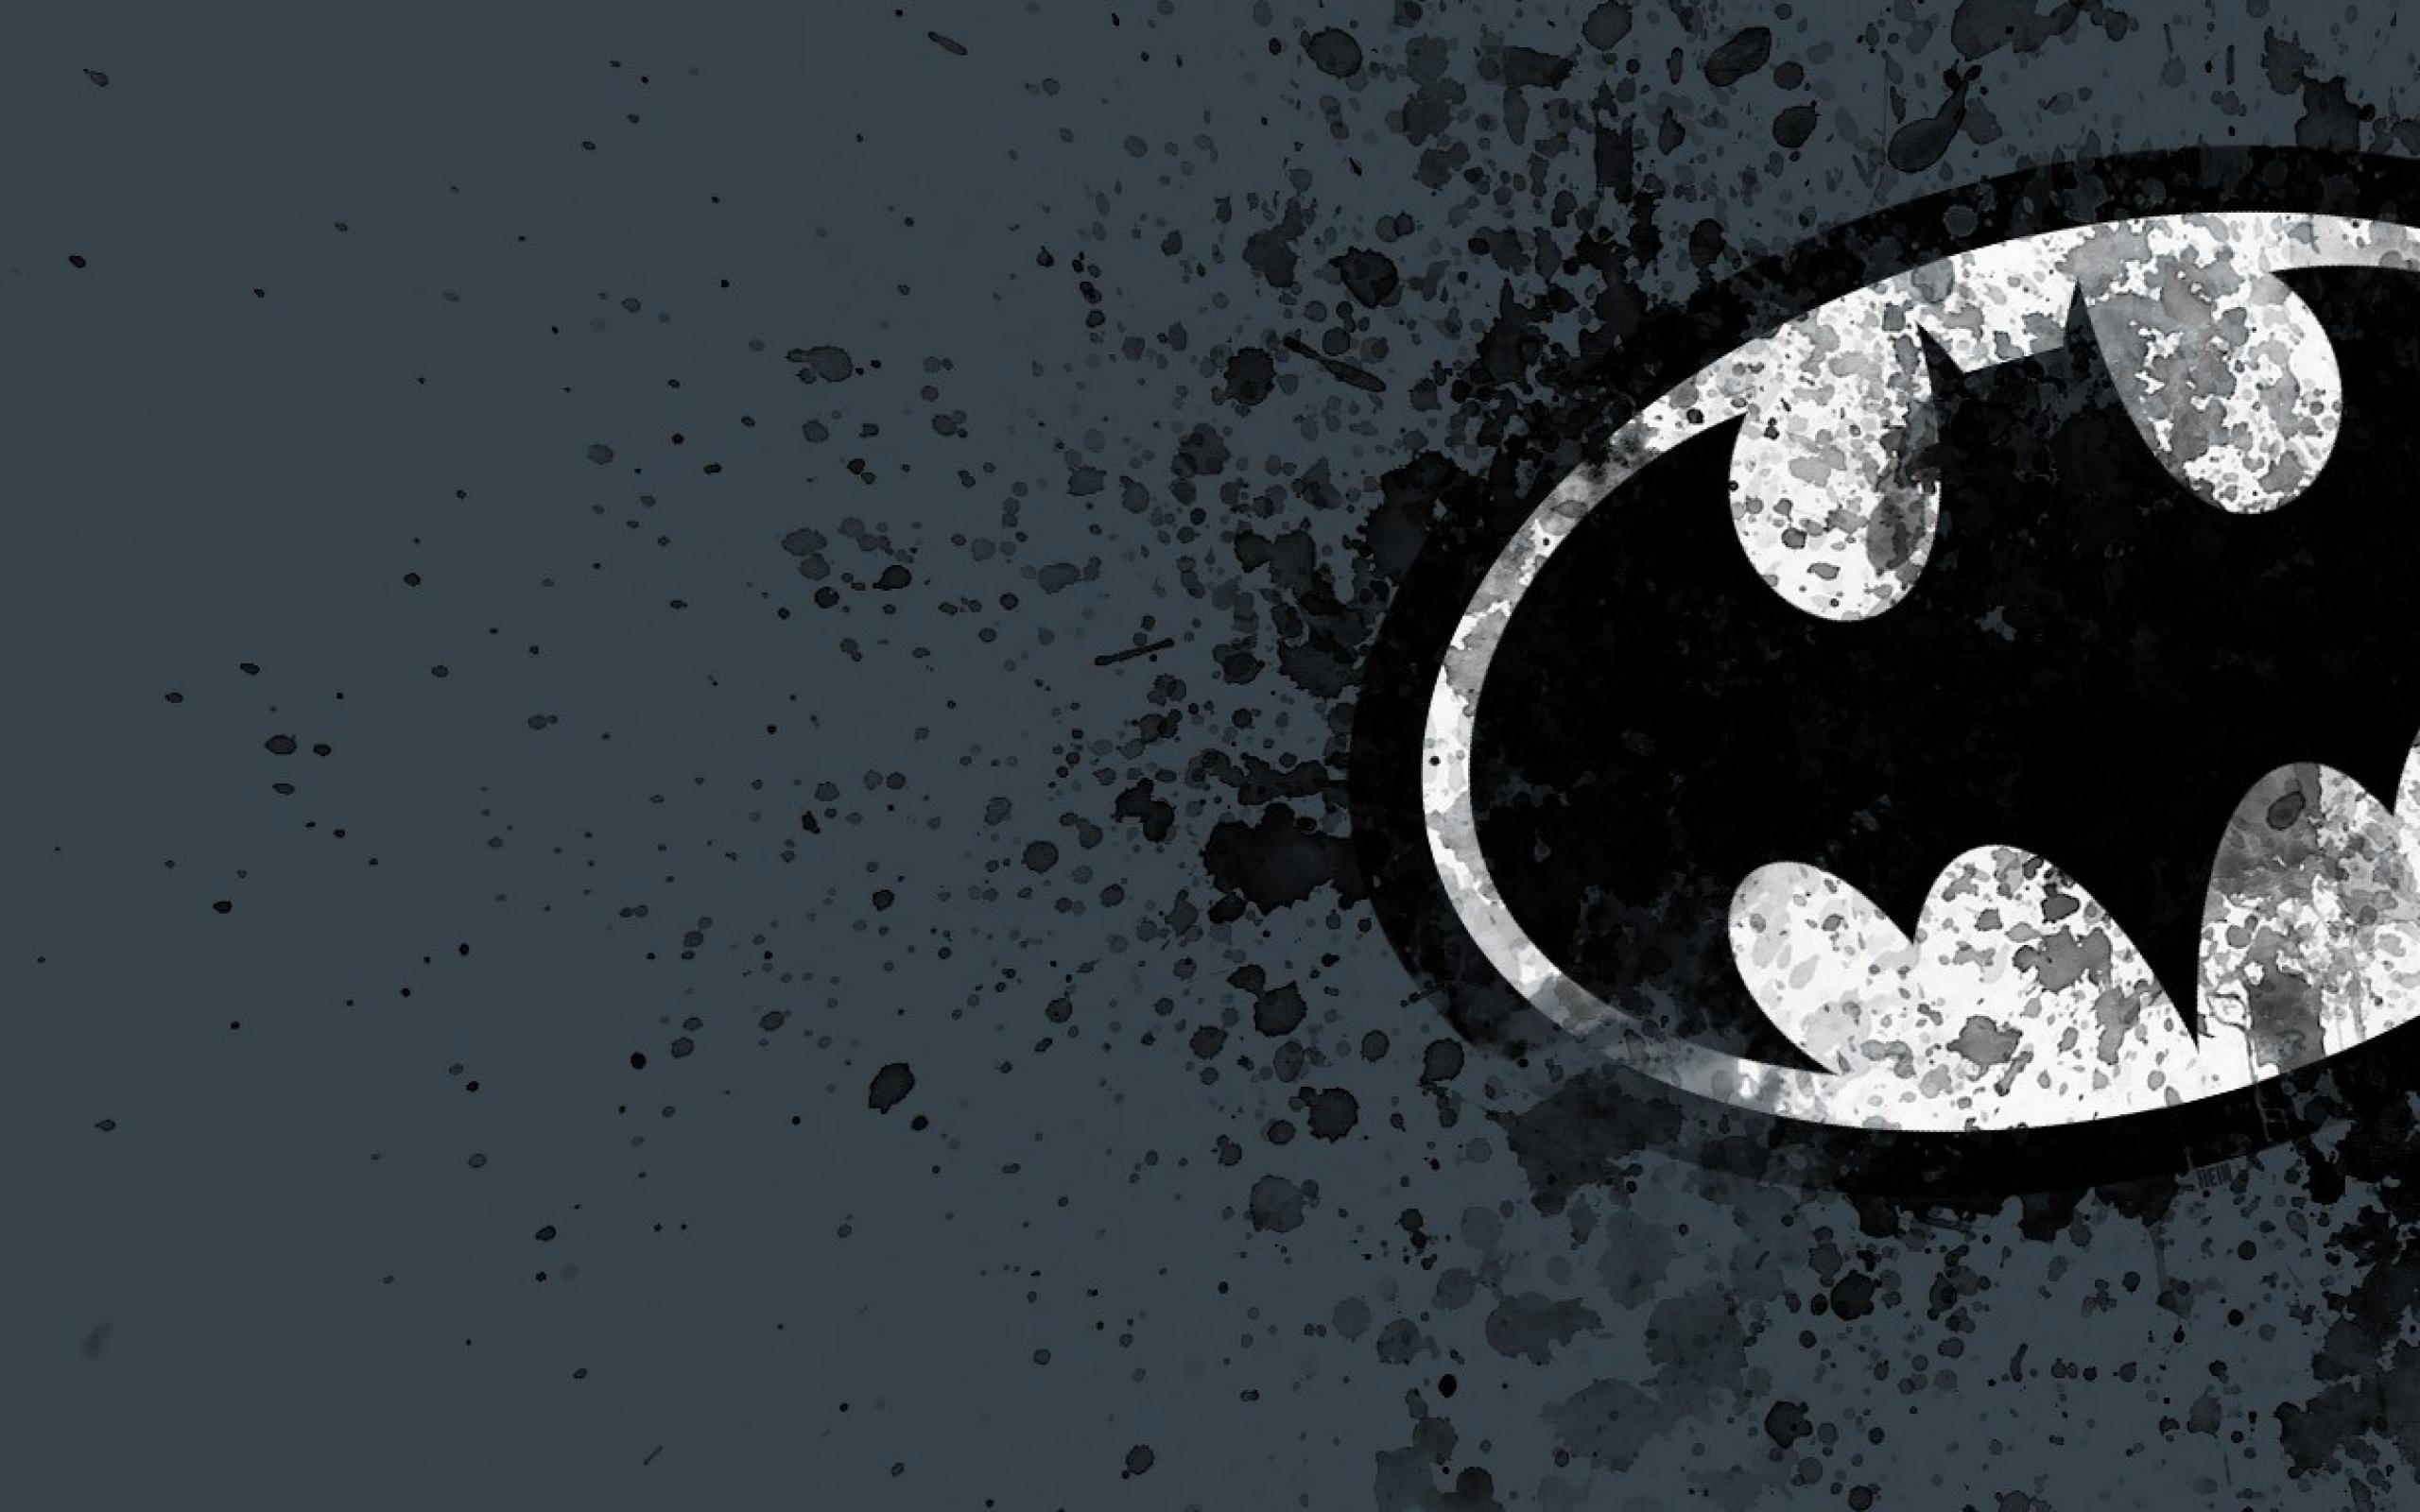 Simbolo de Batman Wallpaper